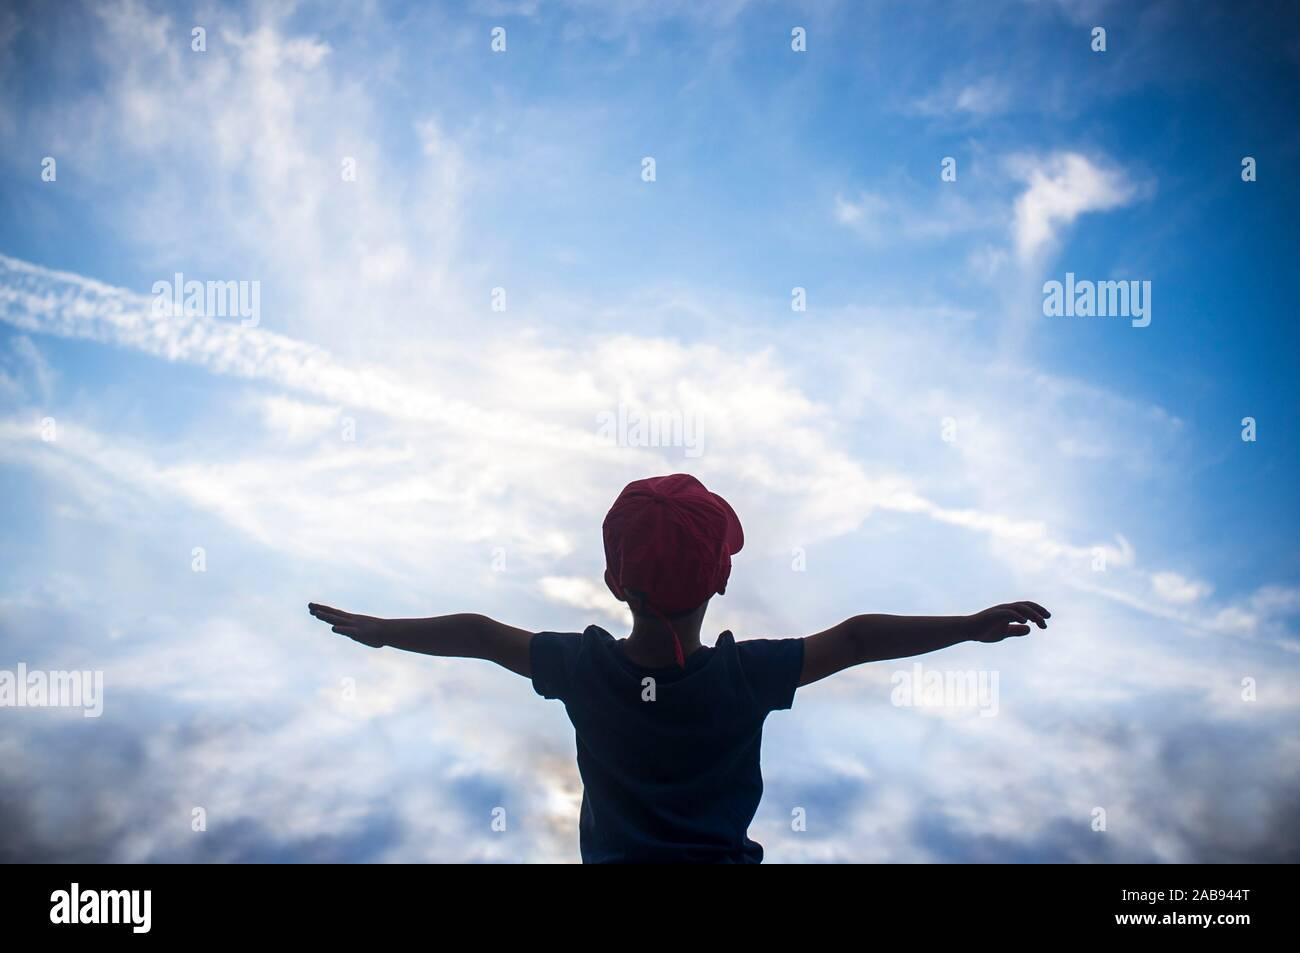 4 anni vecchio ragazzo fingendo di volare al di sopra di cielo nuvoloso. Incoraggiare i bambini fantasia concetto. Foto Stock